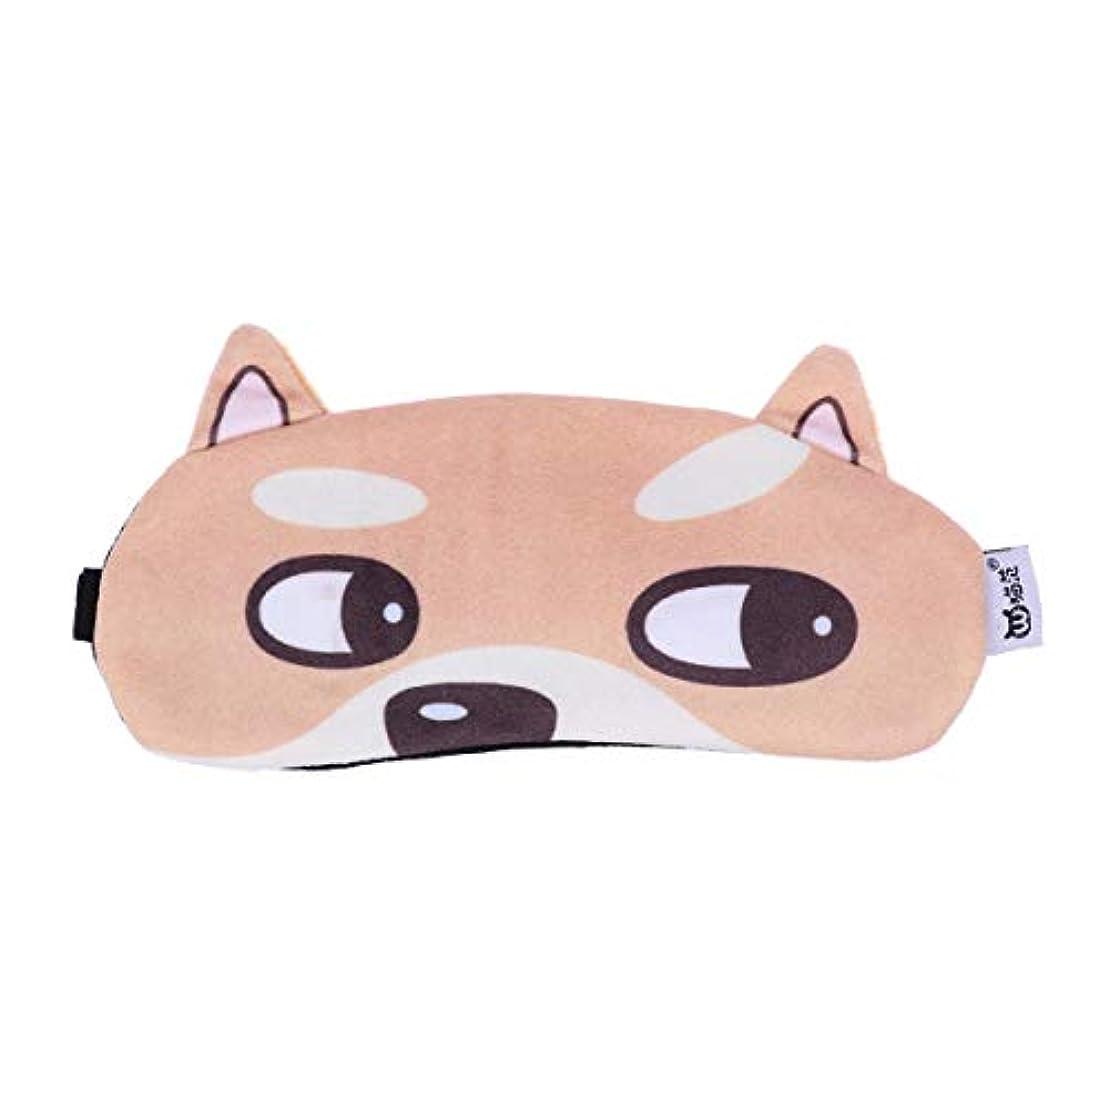 未来スキッパーピアースHealifty アイマスク ゲル アイスパッド アイスアイマスク 目隠し リラックス 冷却 パック 再使用可能 目の疲れ軽減 安眠 血行促進(犬)